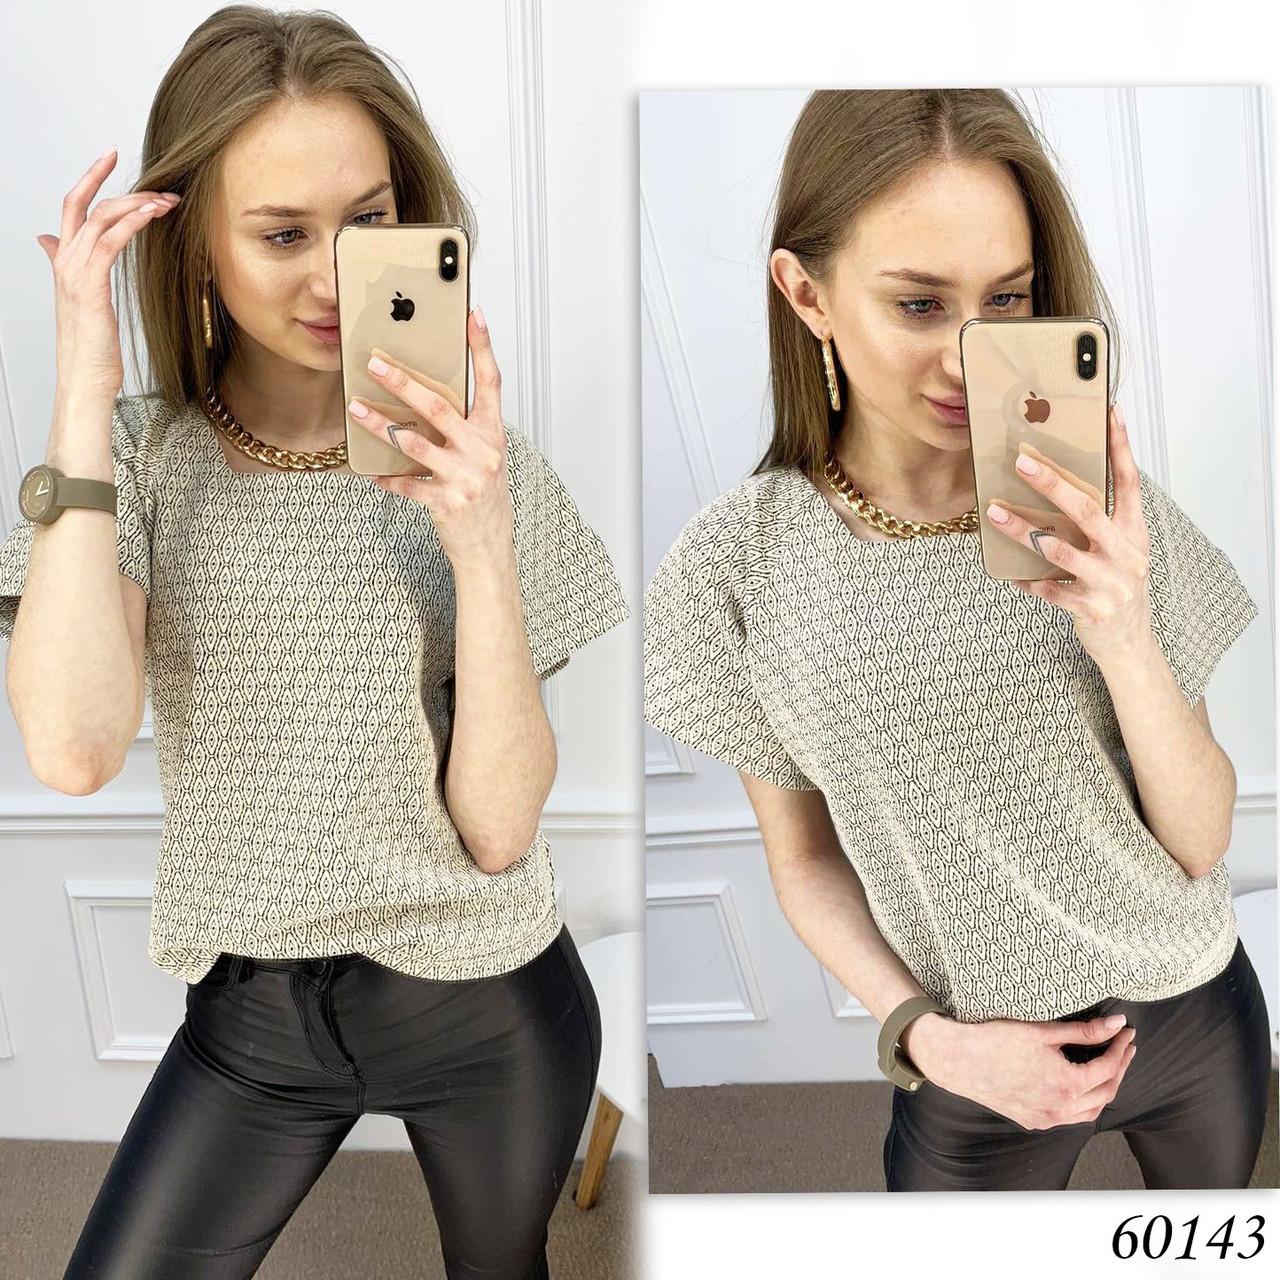 Женская трикотажная блузка  Размер норма: 40,42,44,46